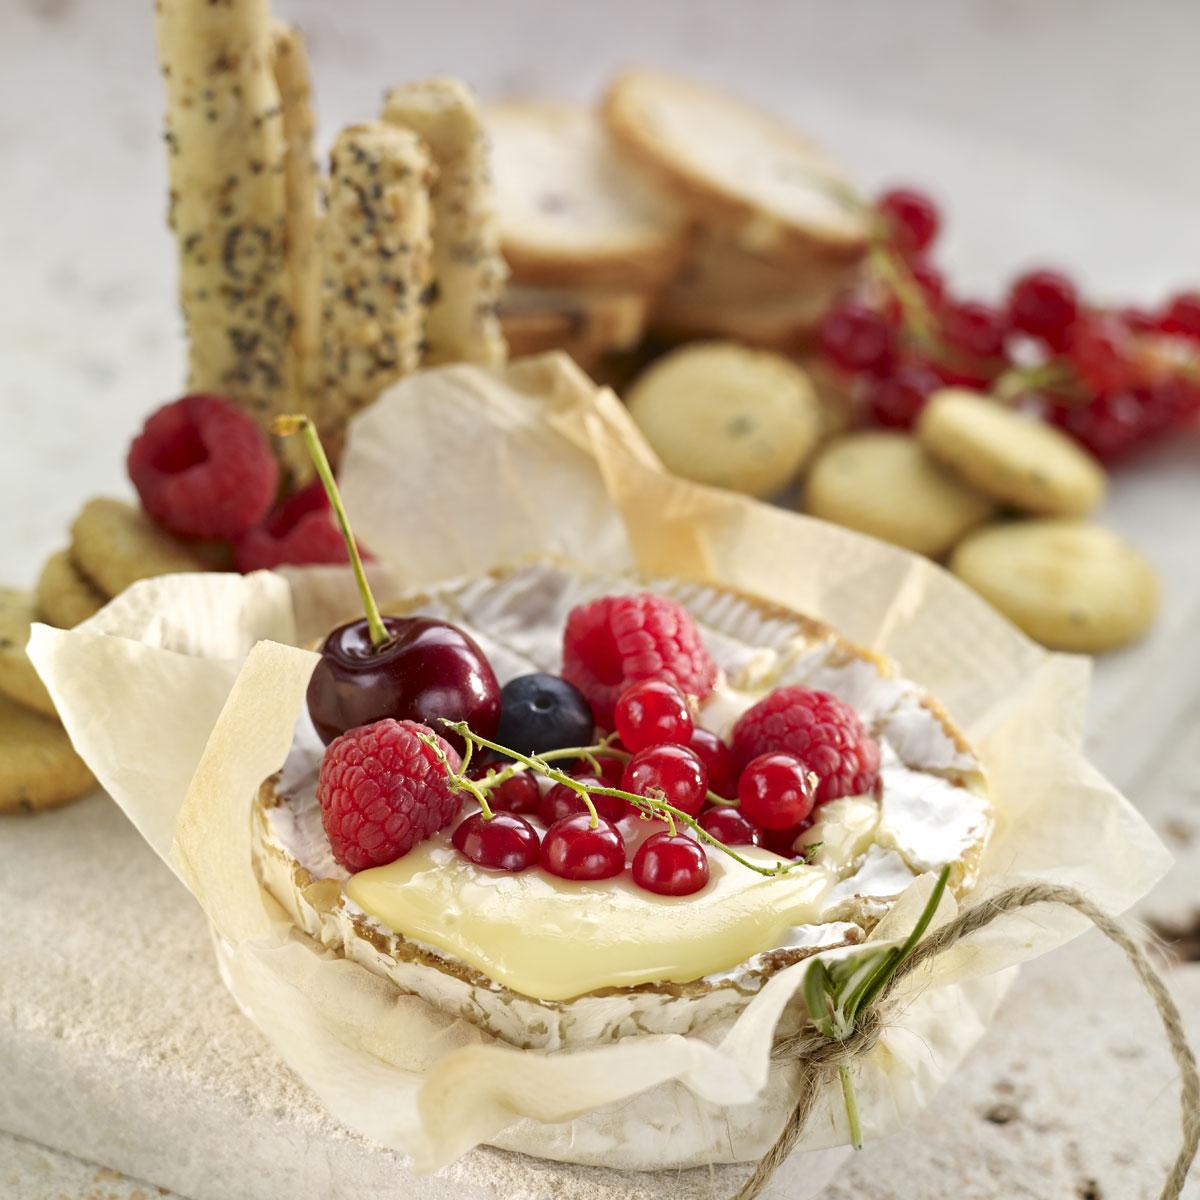 Brie con cobertura  de frambuesas, romero y miel